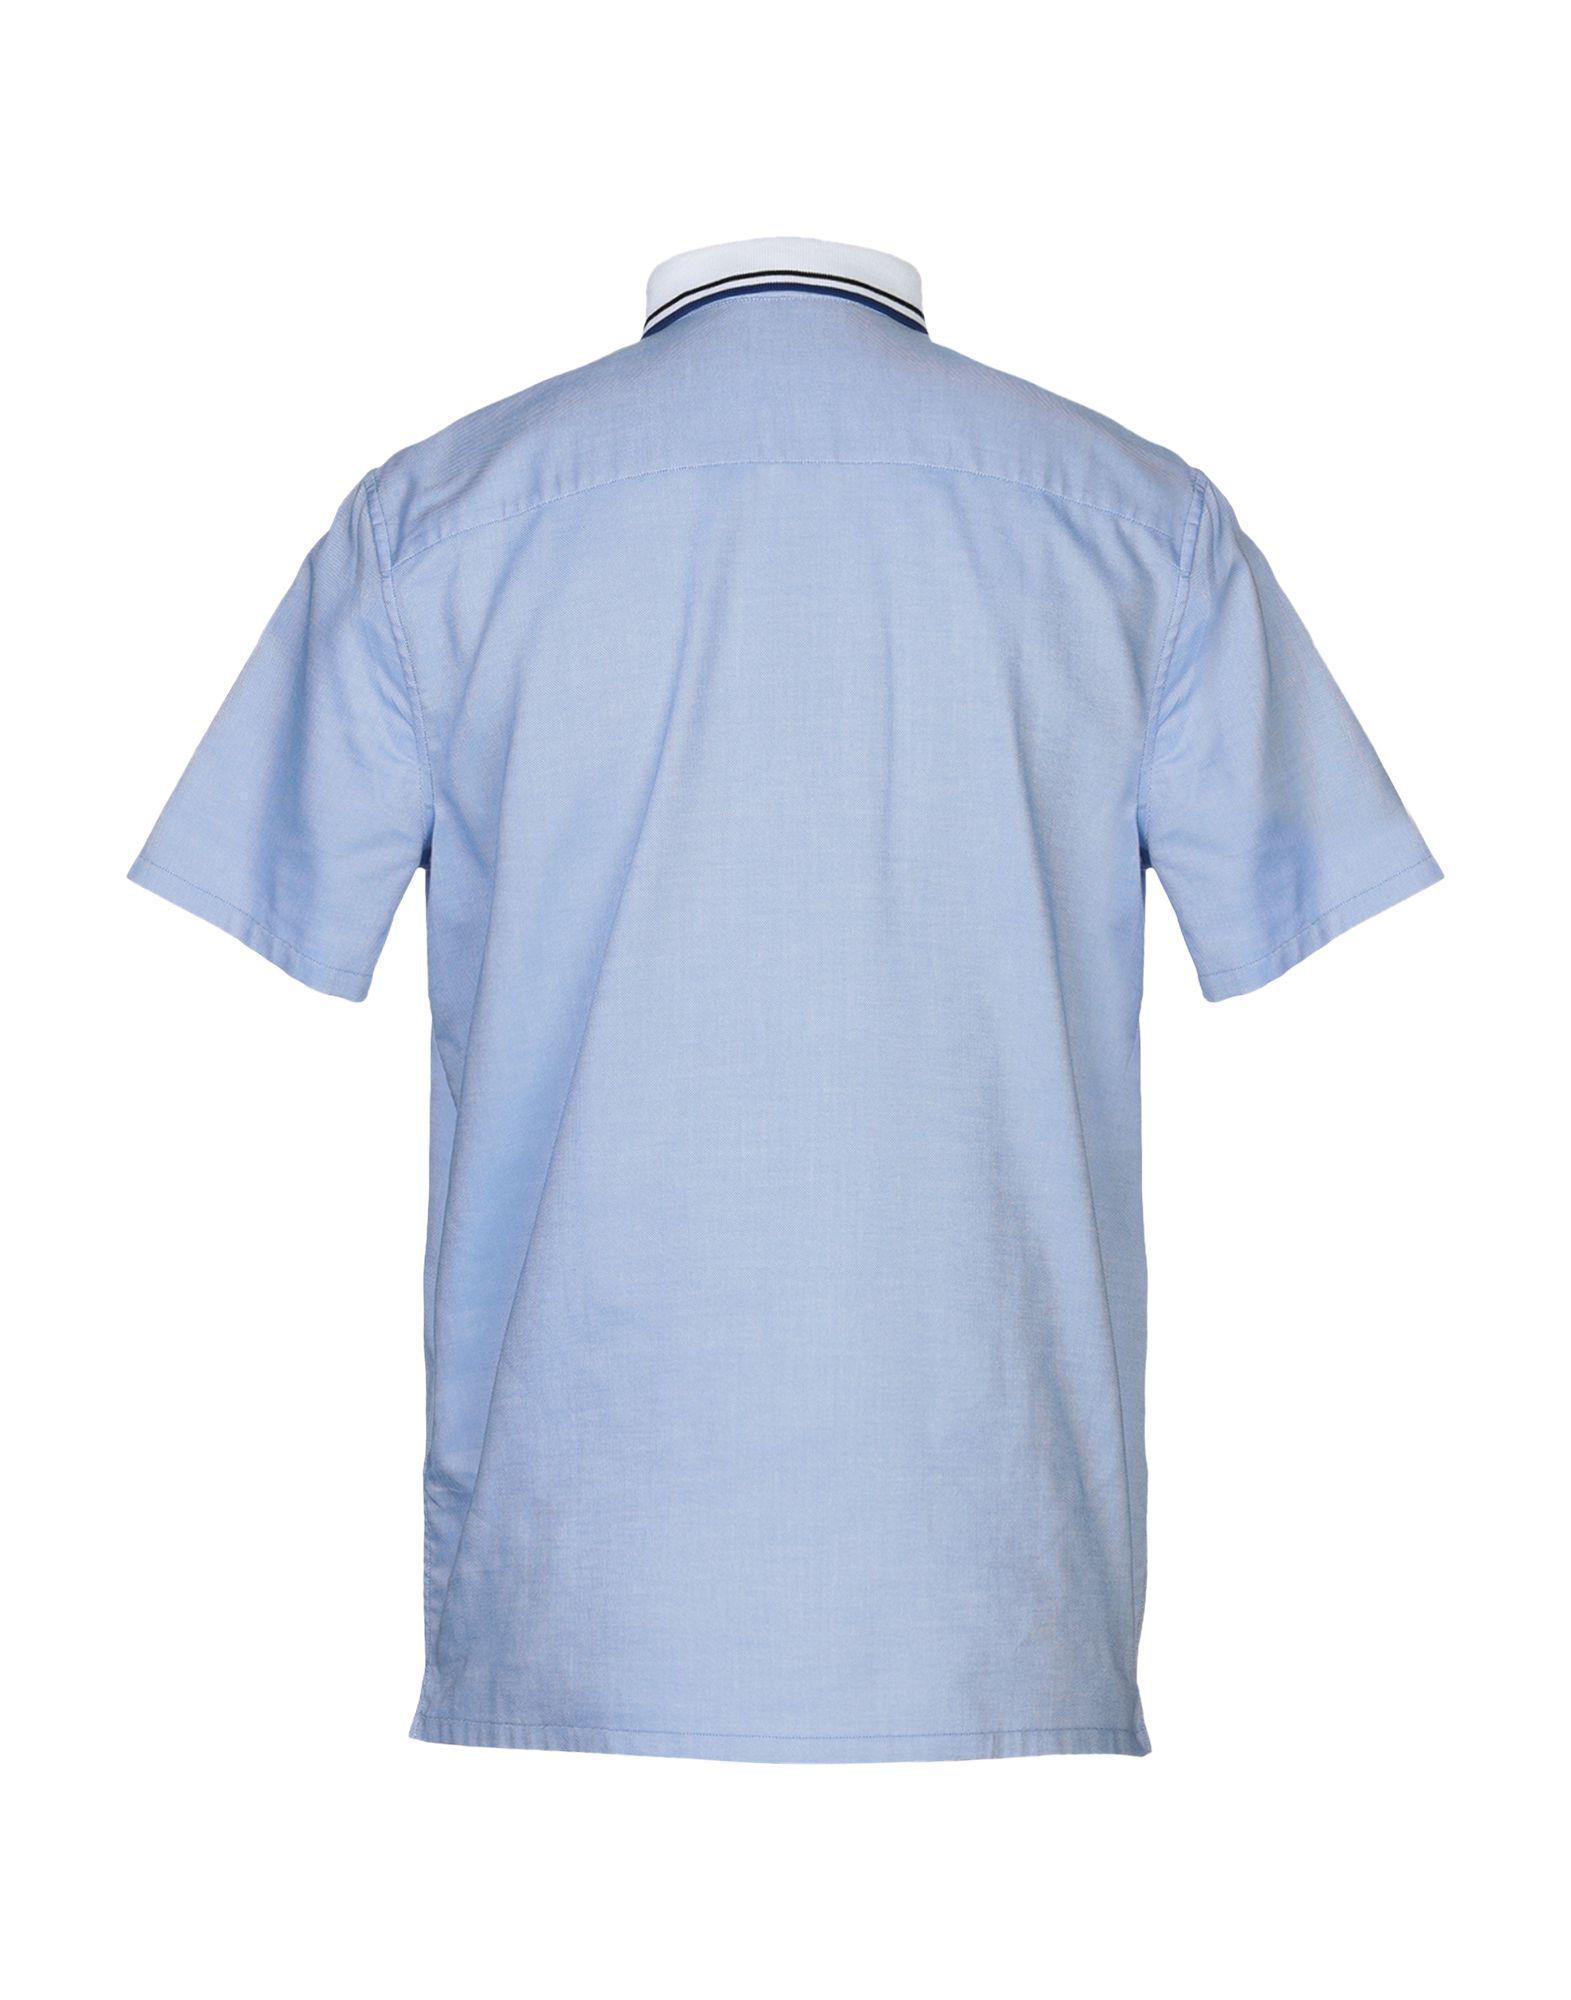 24c490624fa Lyst - Chemise Prada pour homme en coloris Bleu